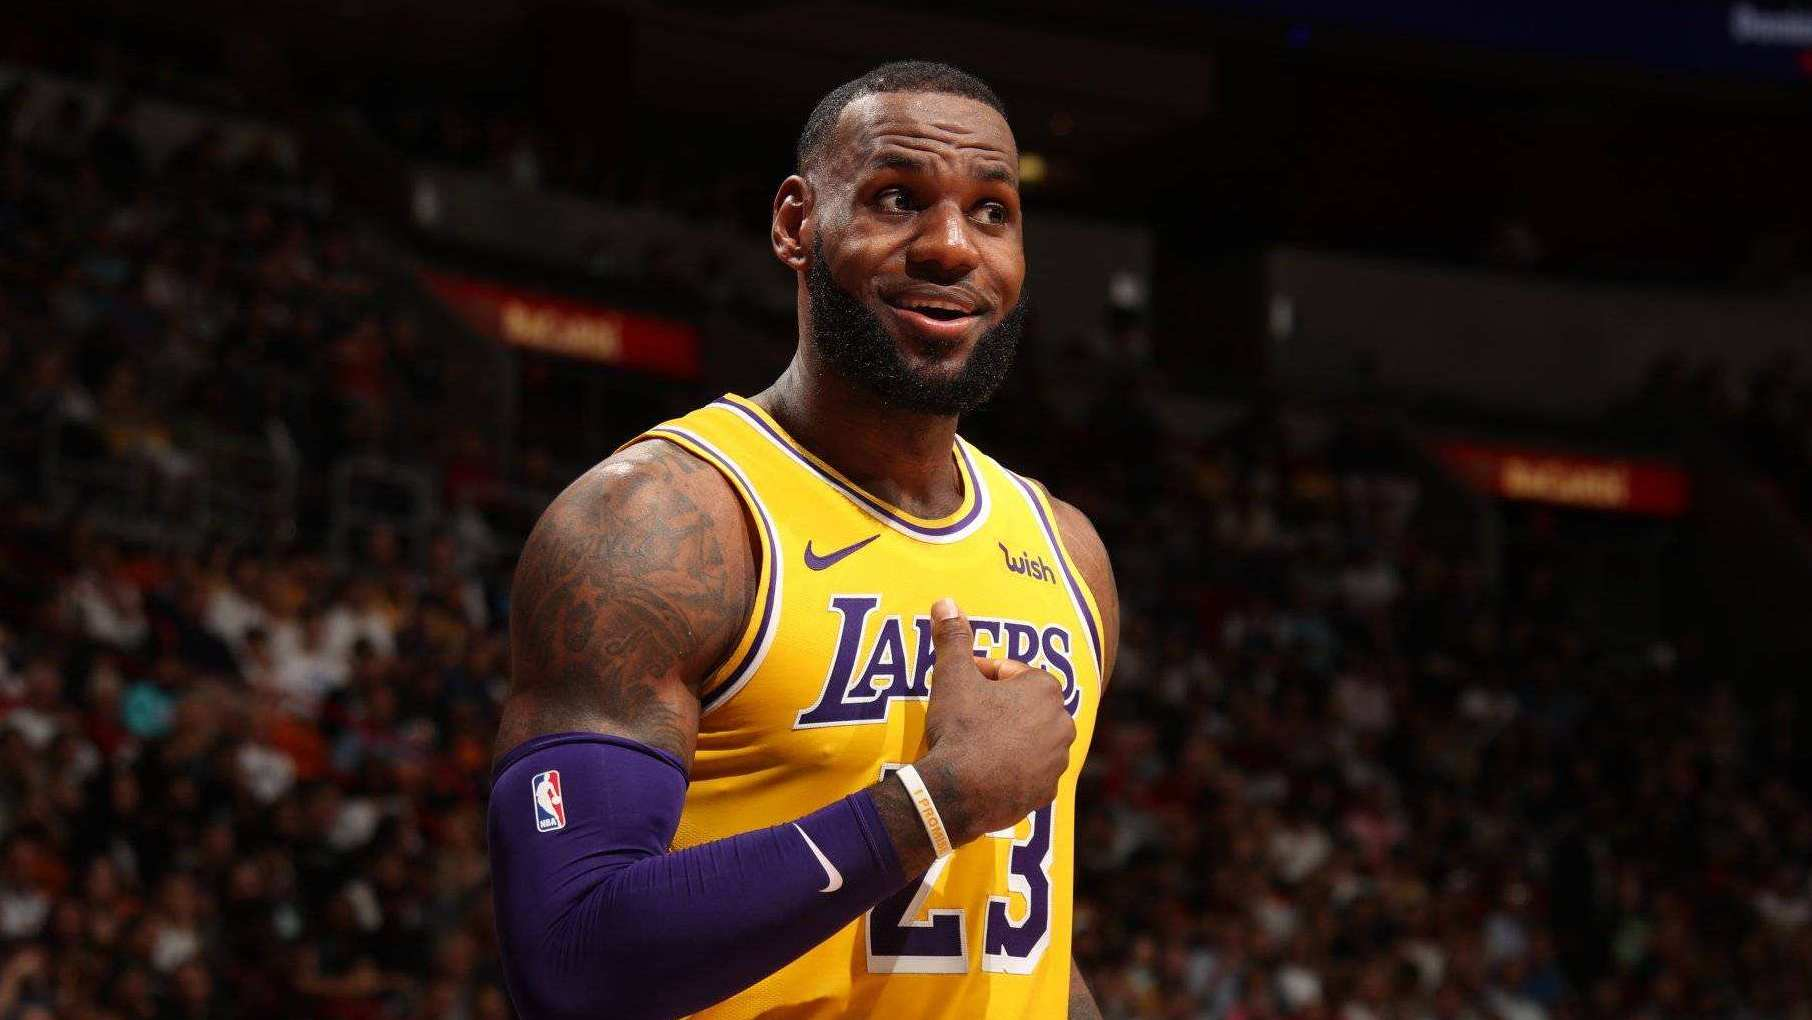 巨星封神战-湖人生涯首次40+!詹皇超越张伯伦 送利拉德空砍_全景NBA